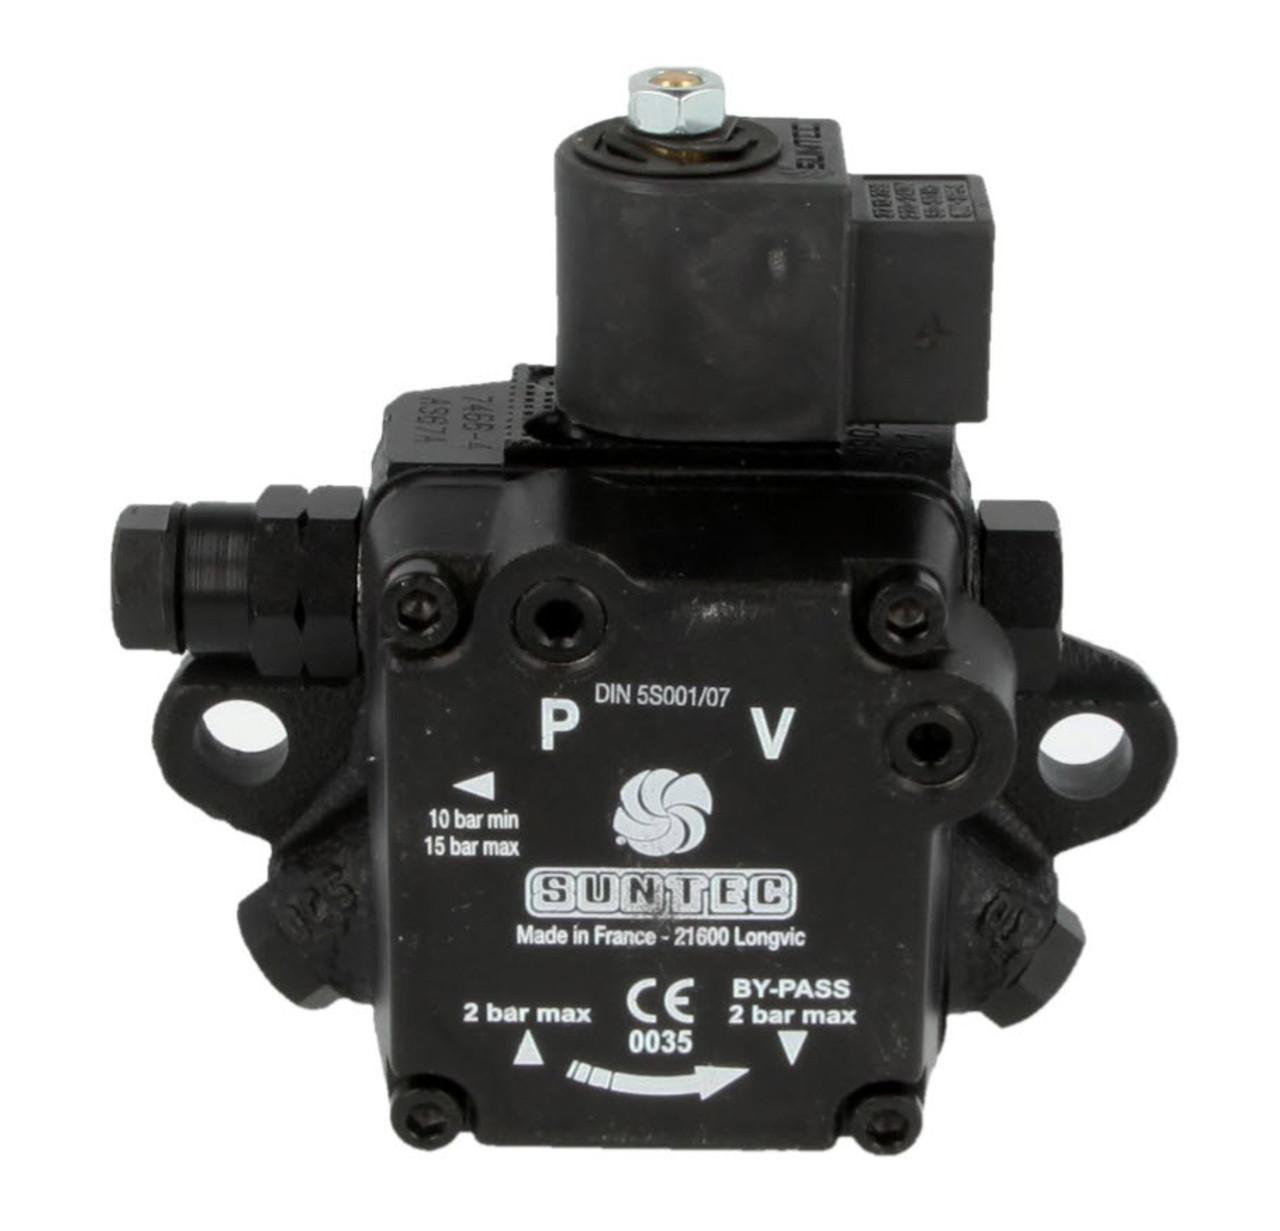 Suntec oil pump AS 67 A 7466 3P 0500